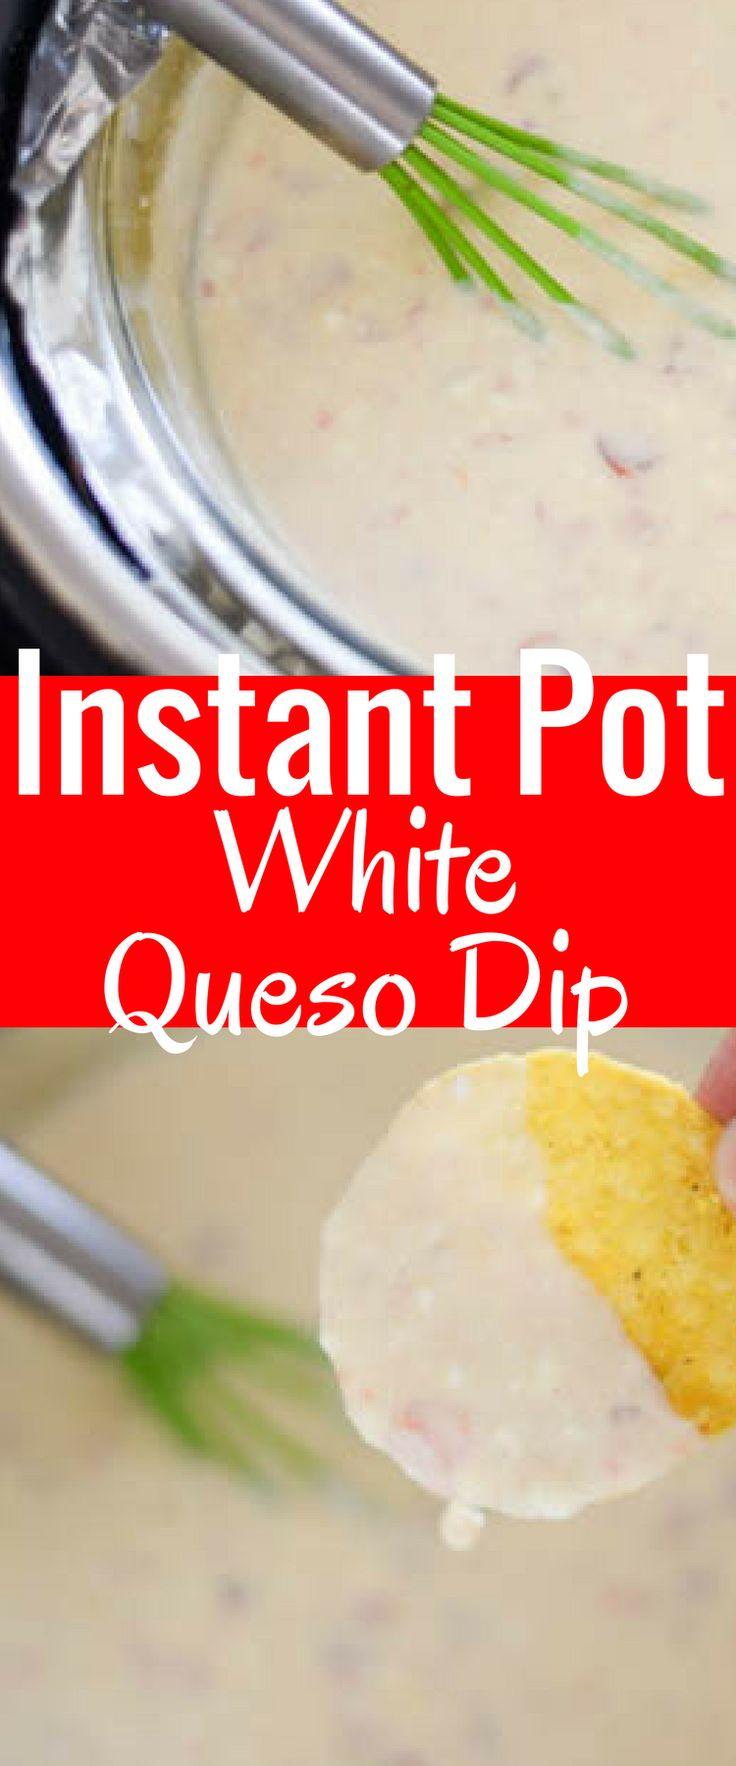 Instant Pot White Queso